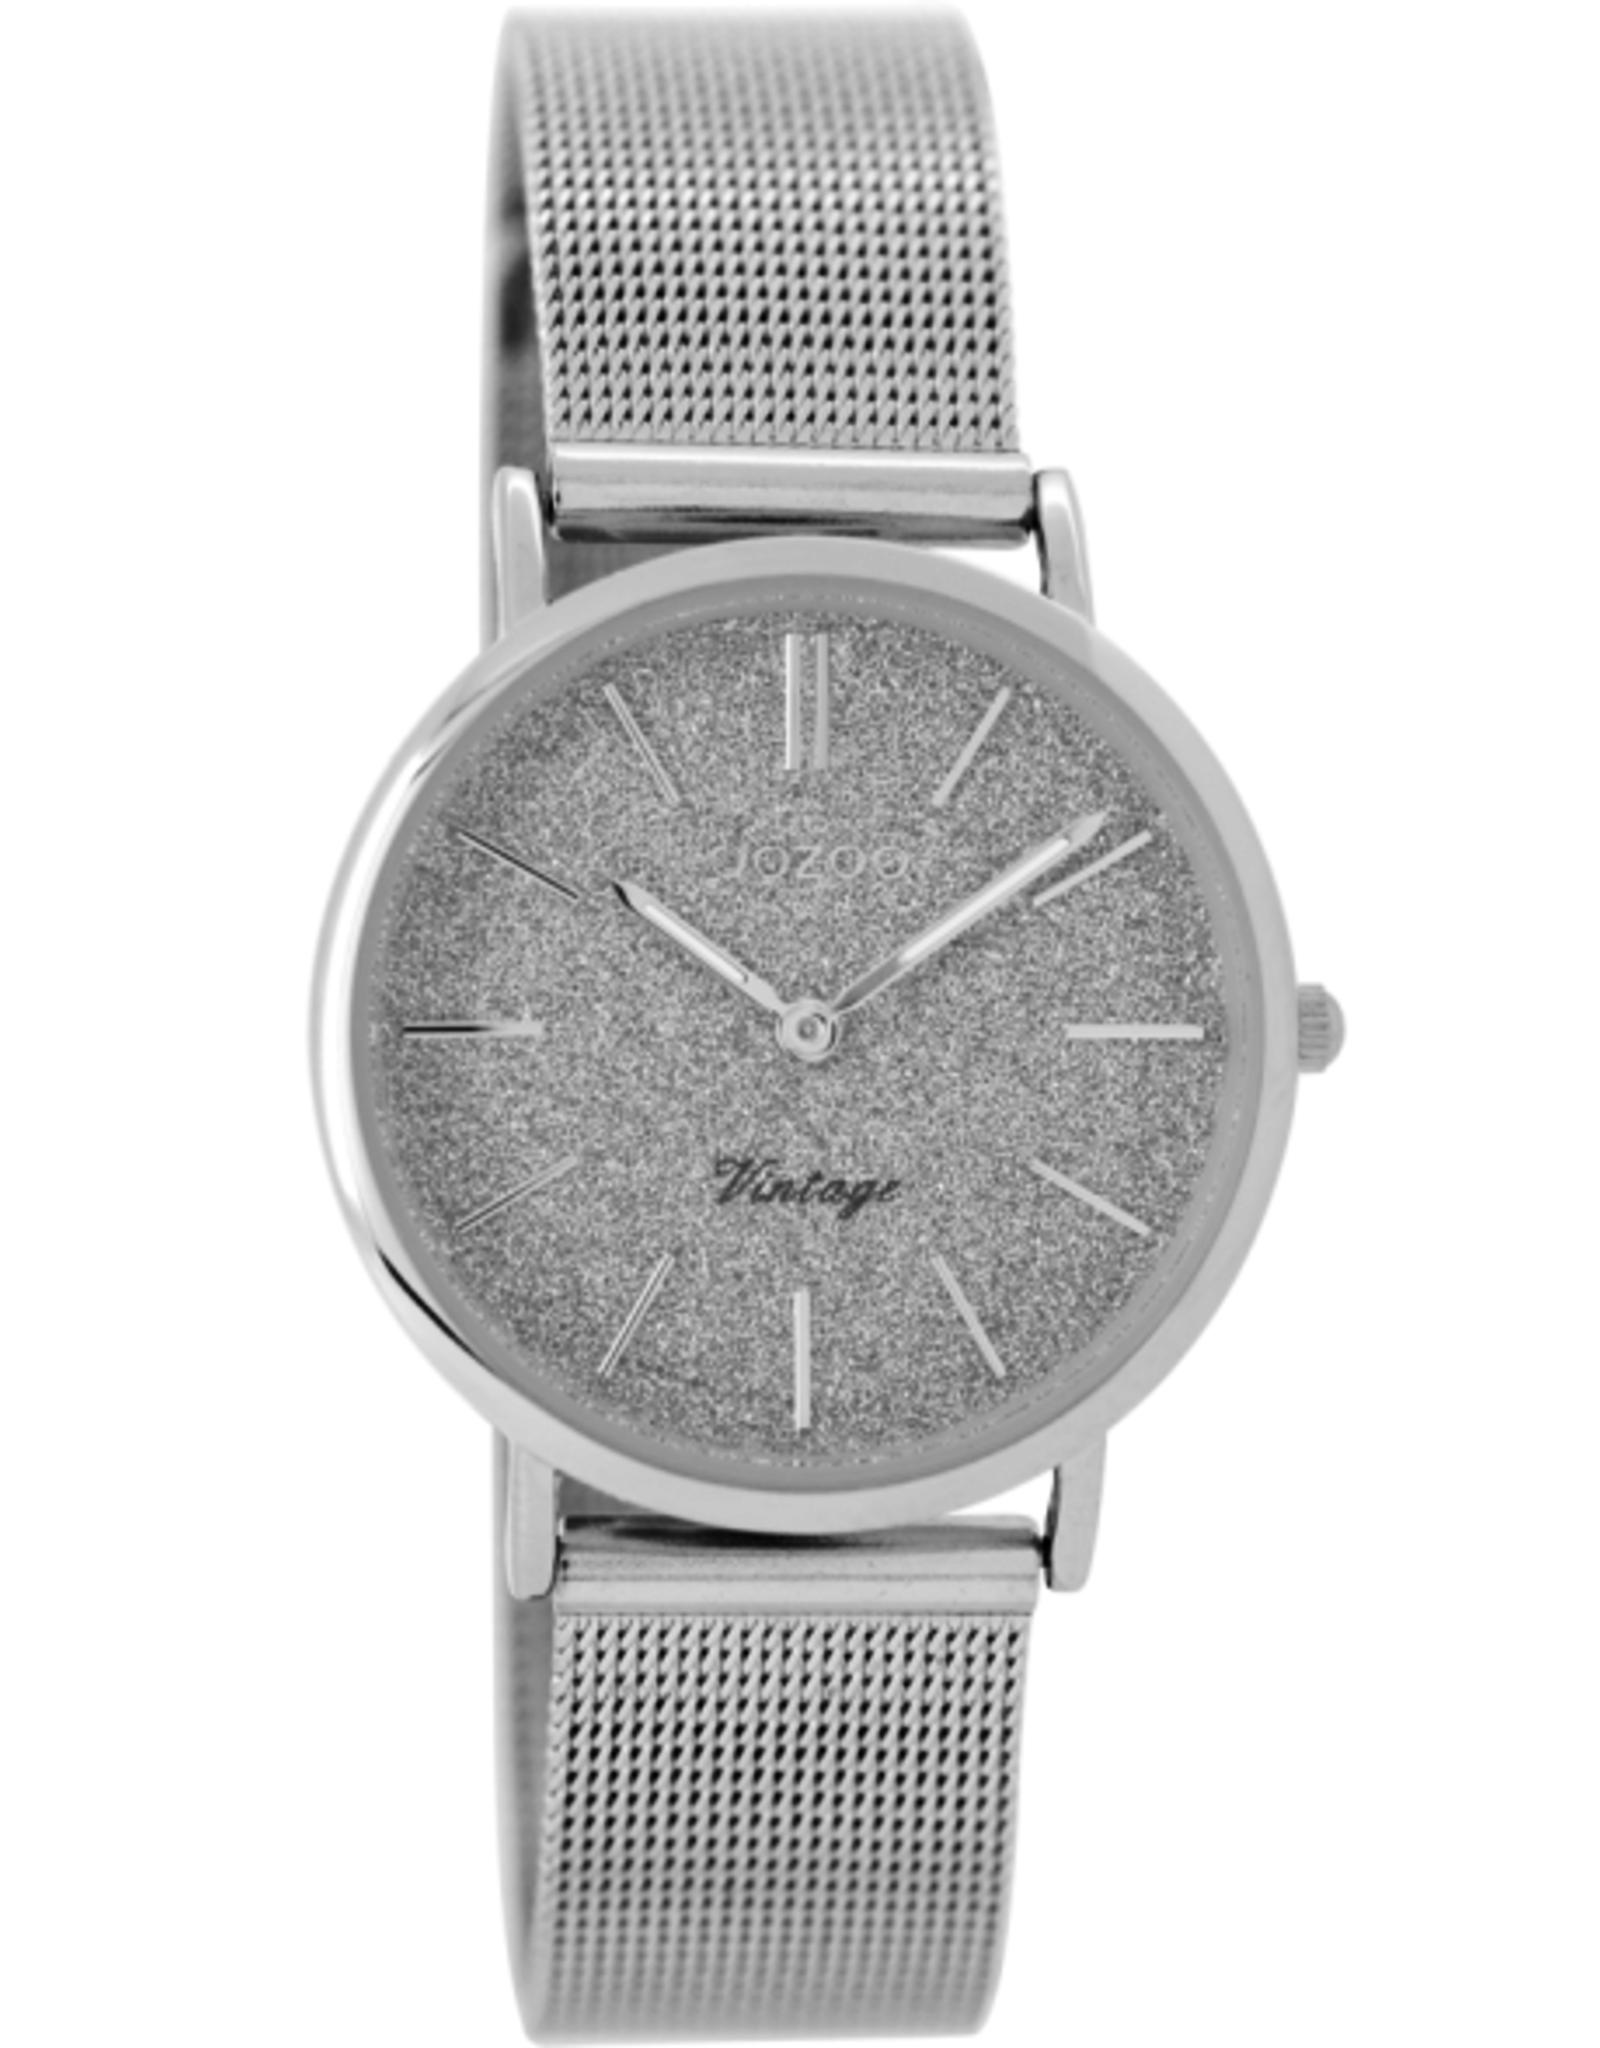 OOZOO Horloge Vintage Zilver met Glitter 32mm C8837 - OOZOO